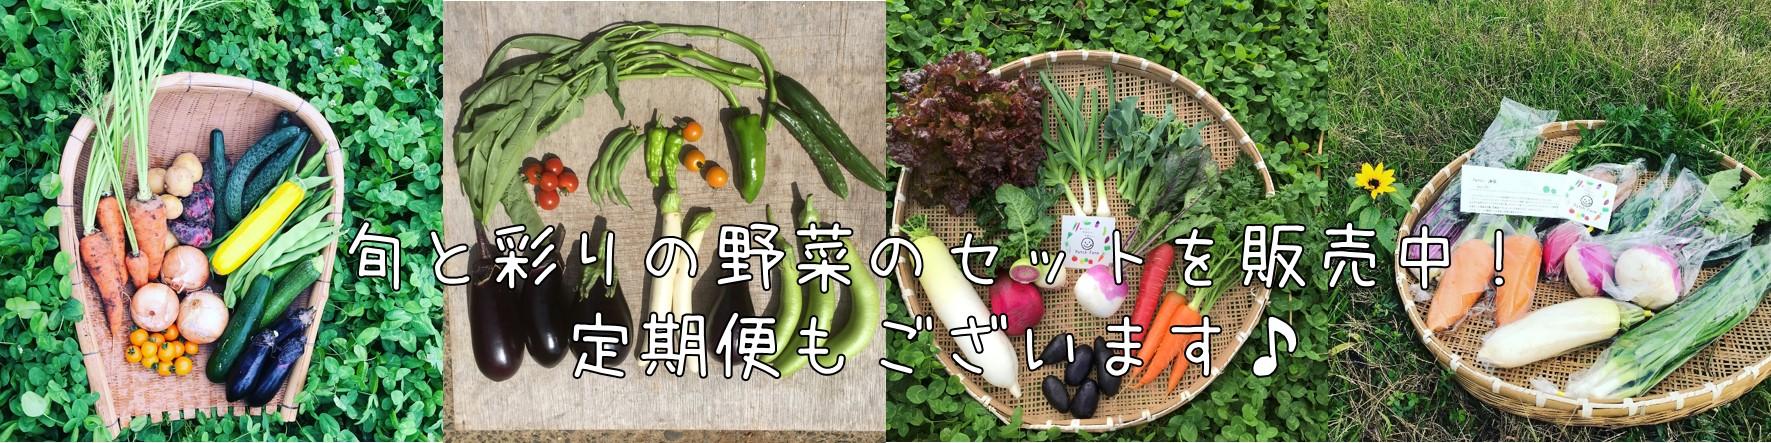 畑直送の旬の彩り野菜を販売中